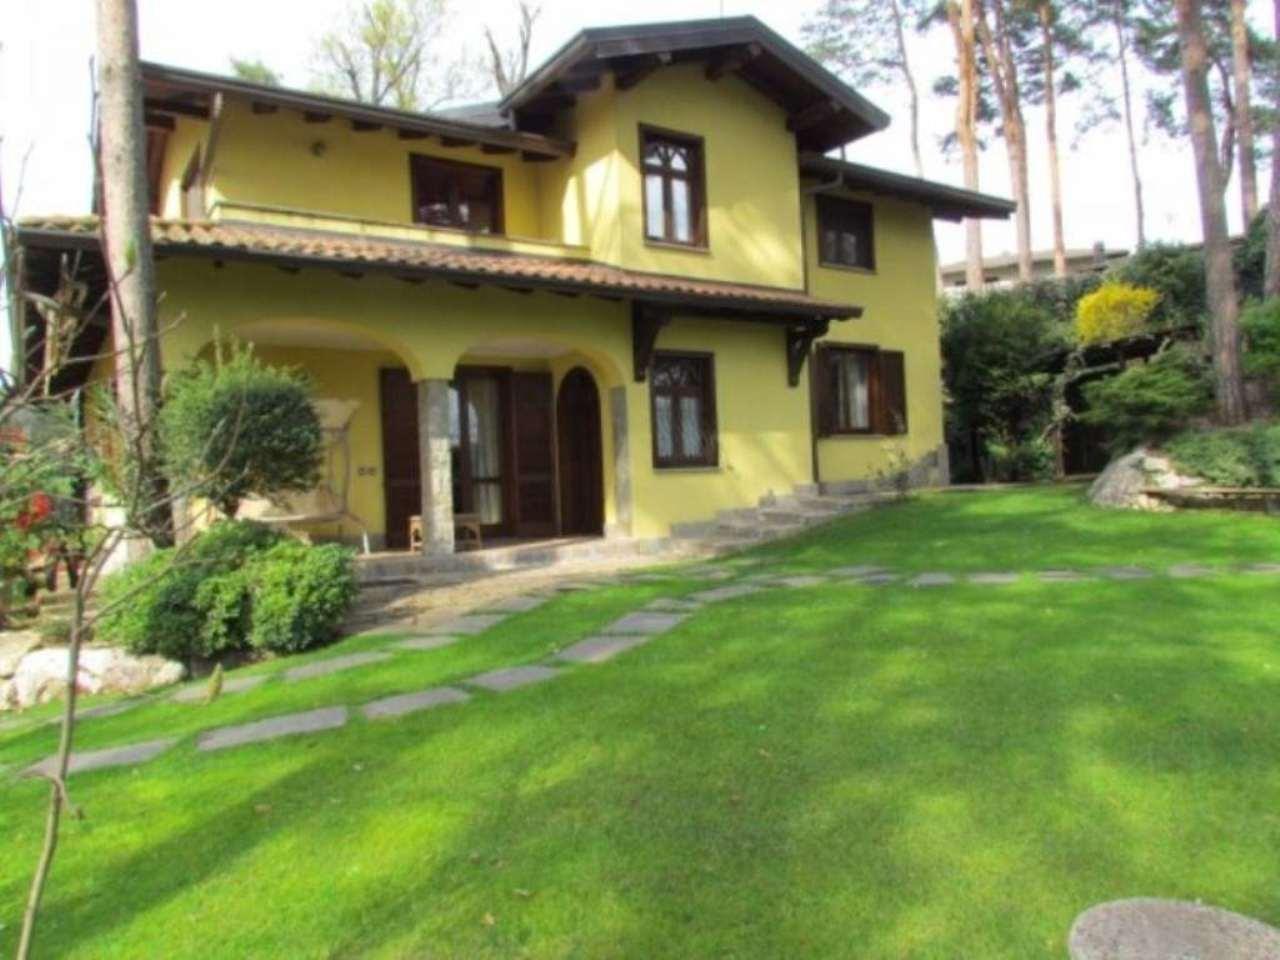 Villa in vendita a Cassano Magnago, 5 locali, prezzo € 510.000 | Cambio Casa.it